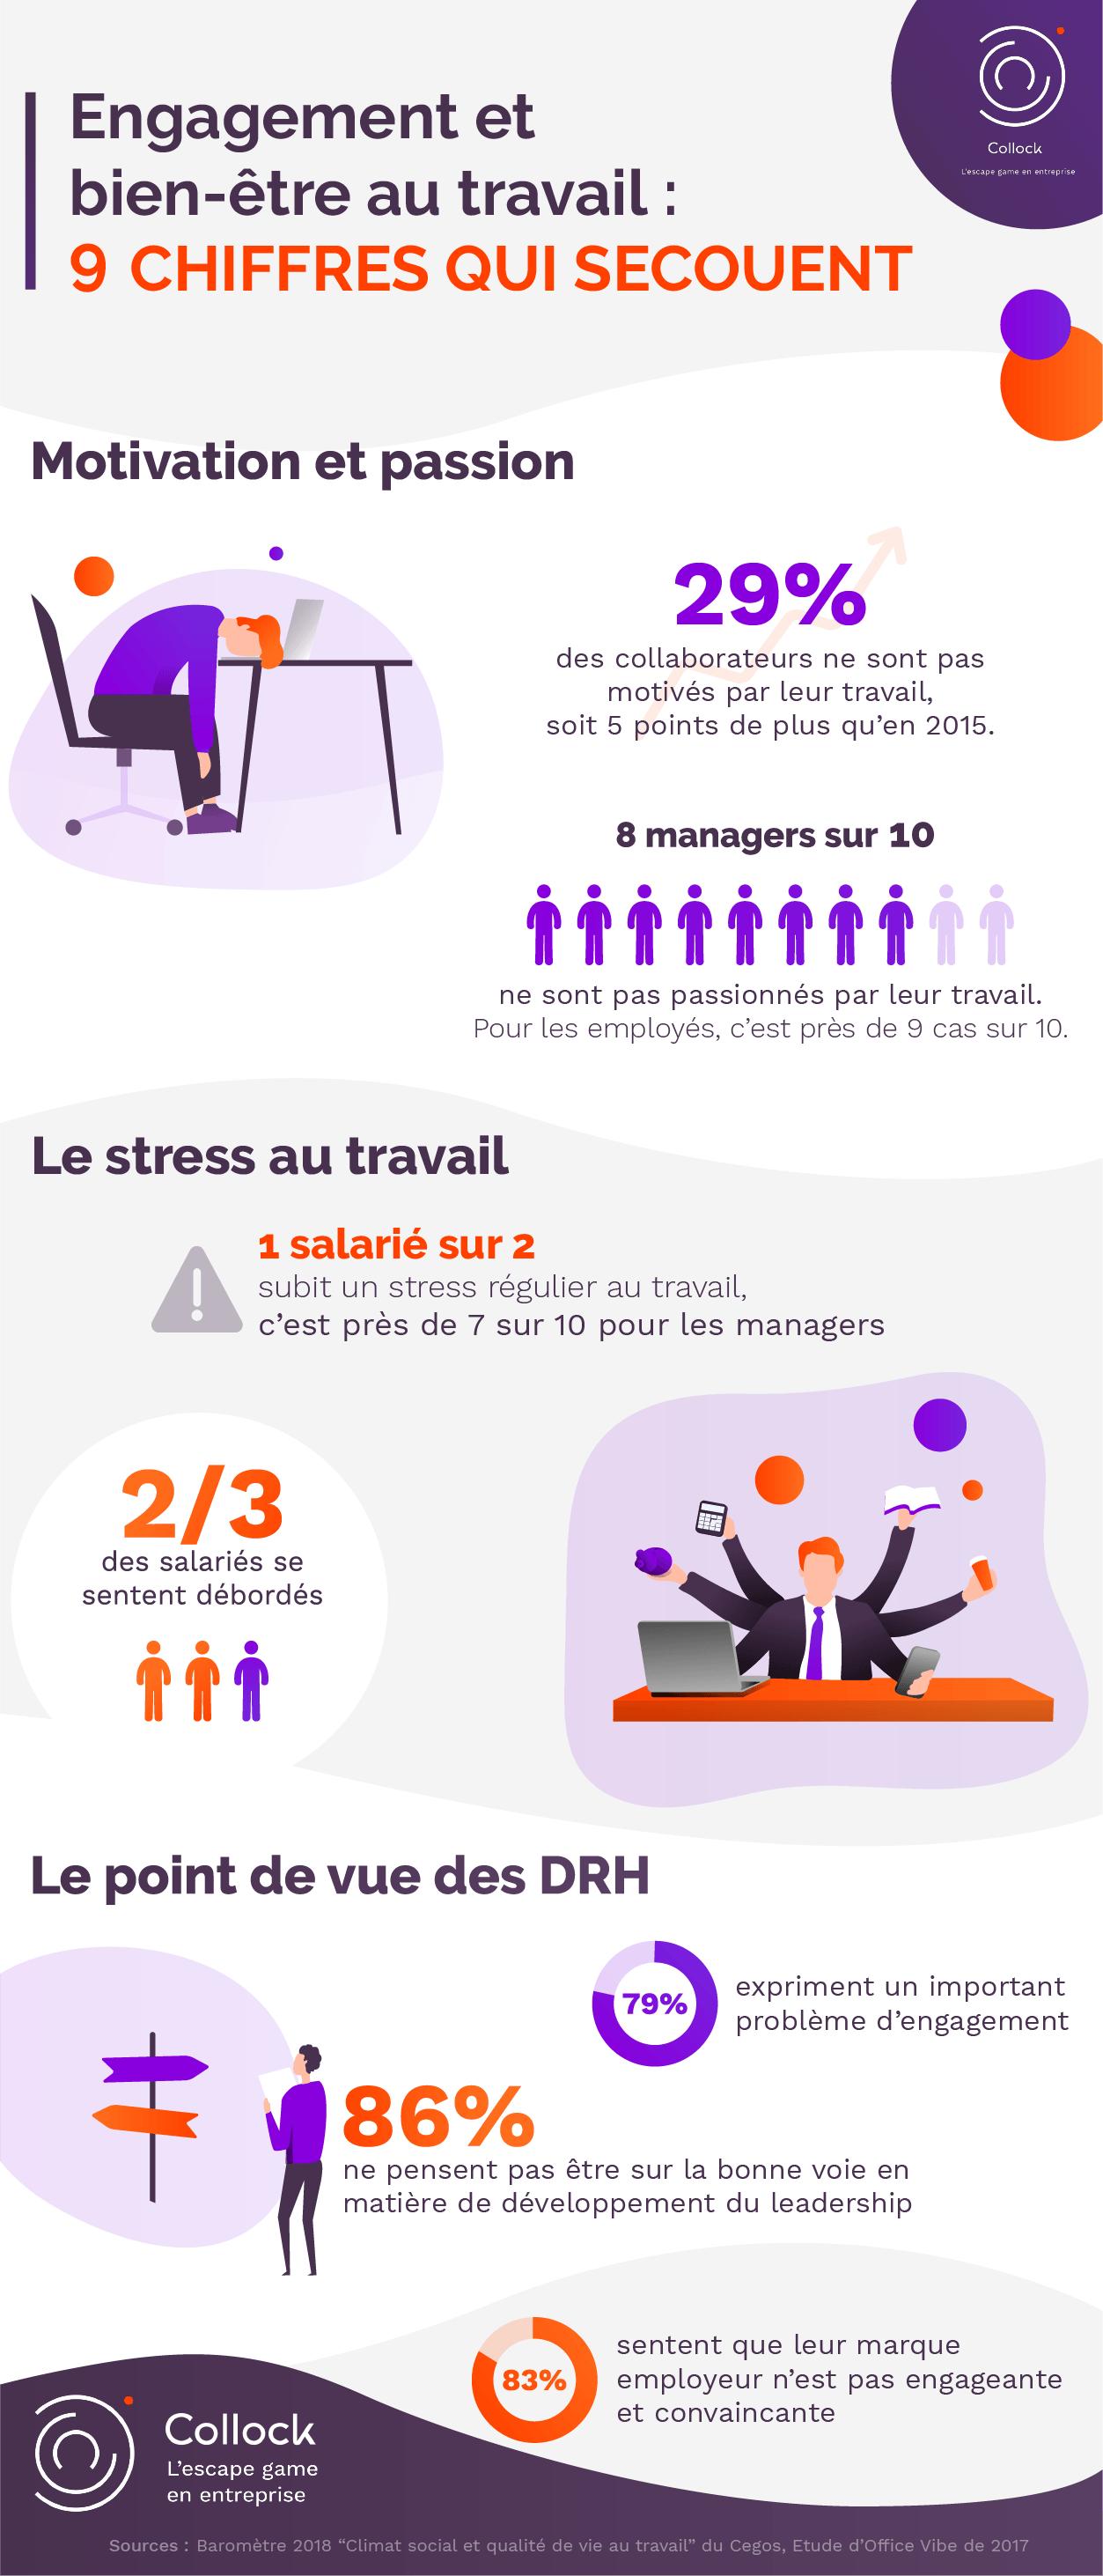 Infographie engagement et bien etre au travail